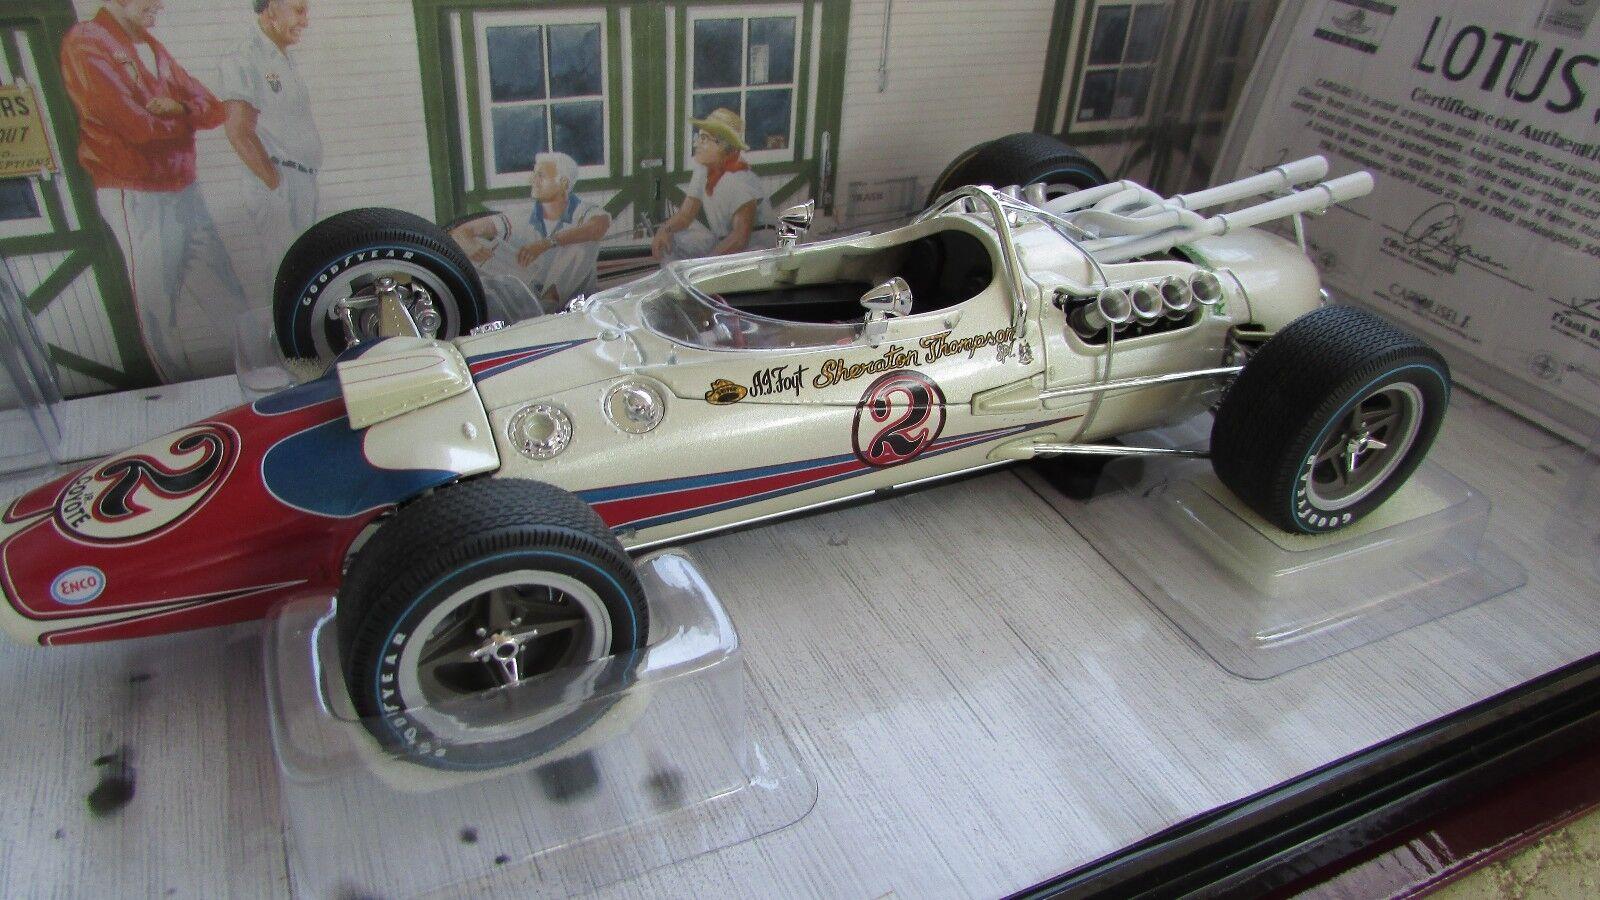 Un J Foyt Carousel 1 1966 Lotus 38 Indy 500 Race Car Ford en 1 18 Original Bx certificado de autenticidad